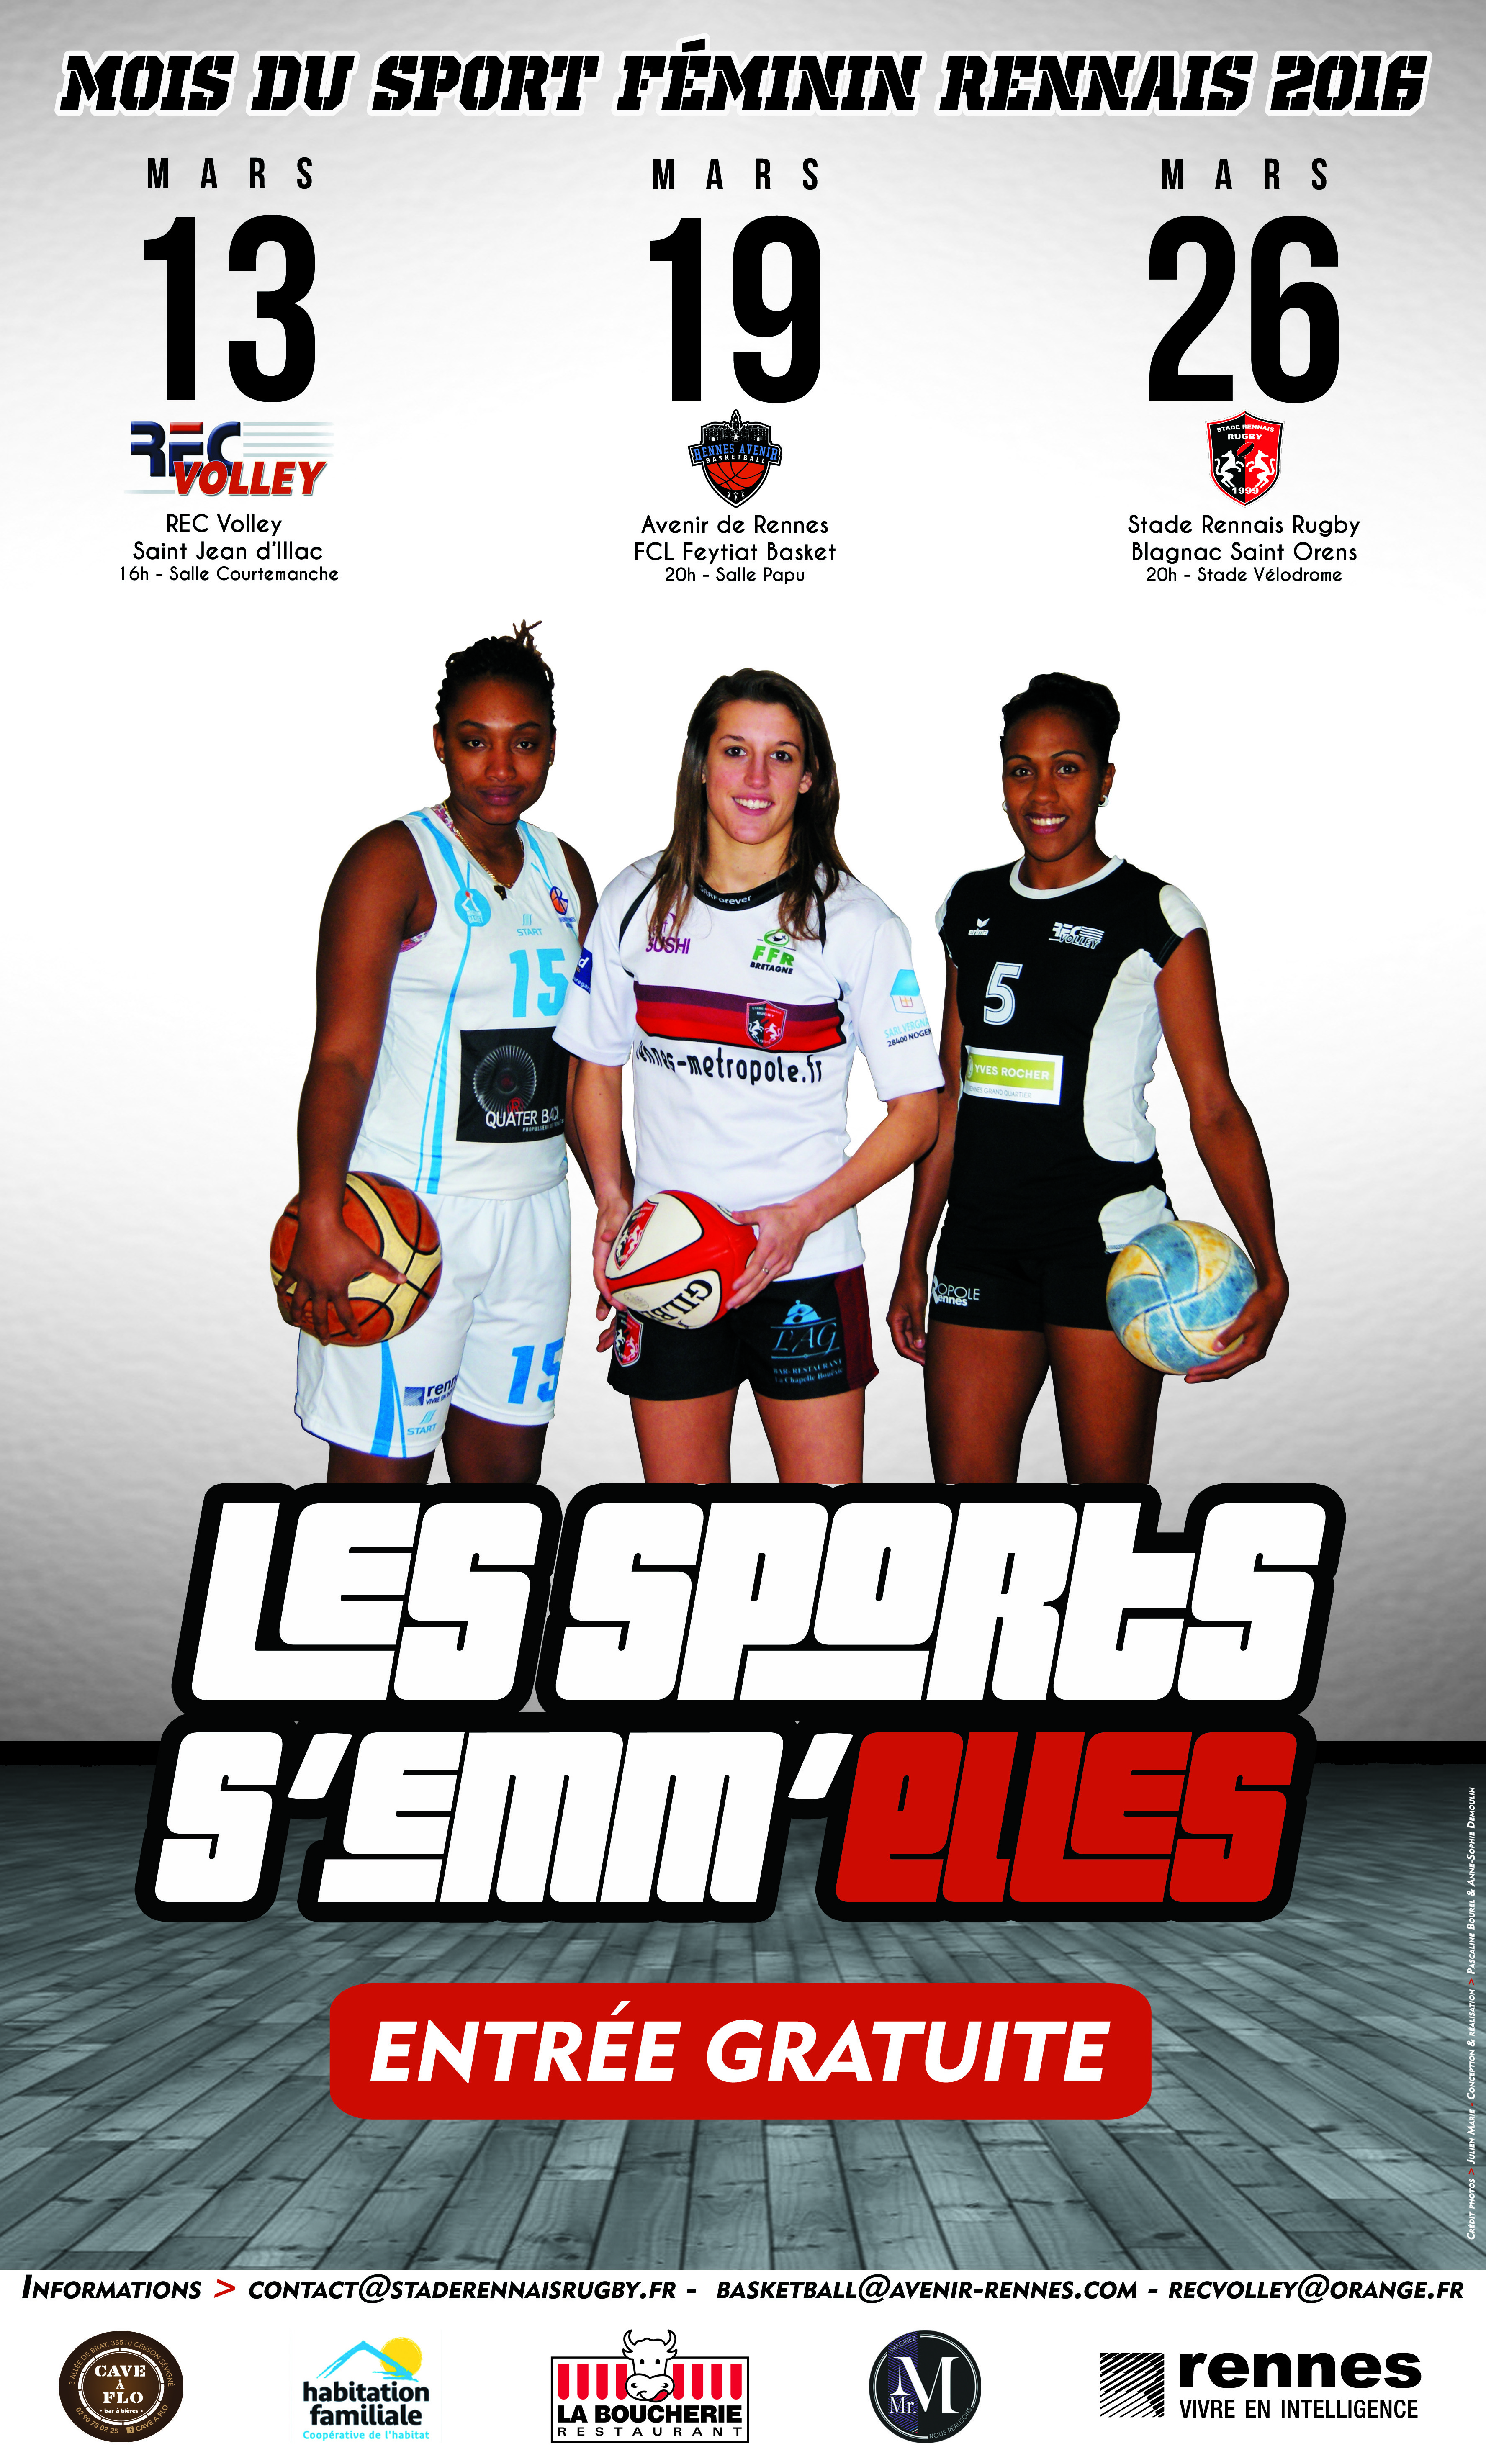 « Les Sports s'emm'Elles » pour le REC Volley